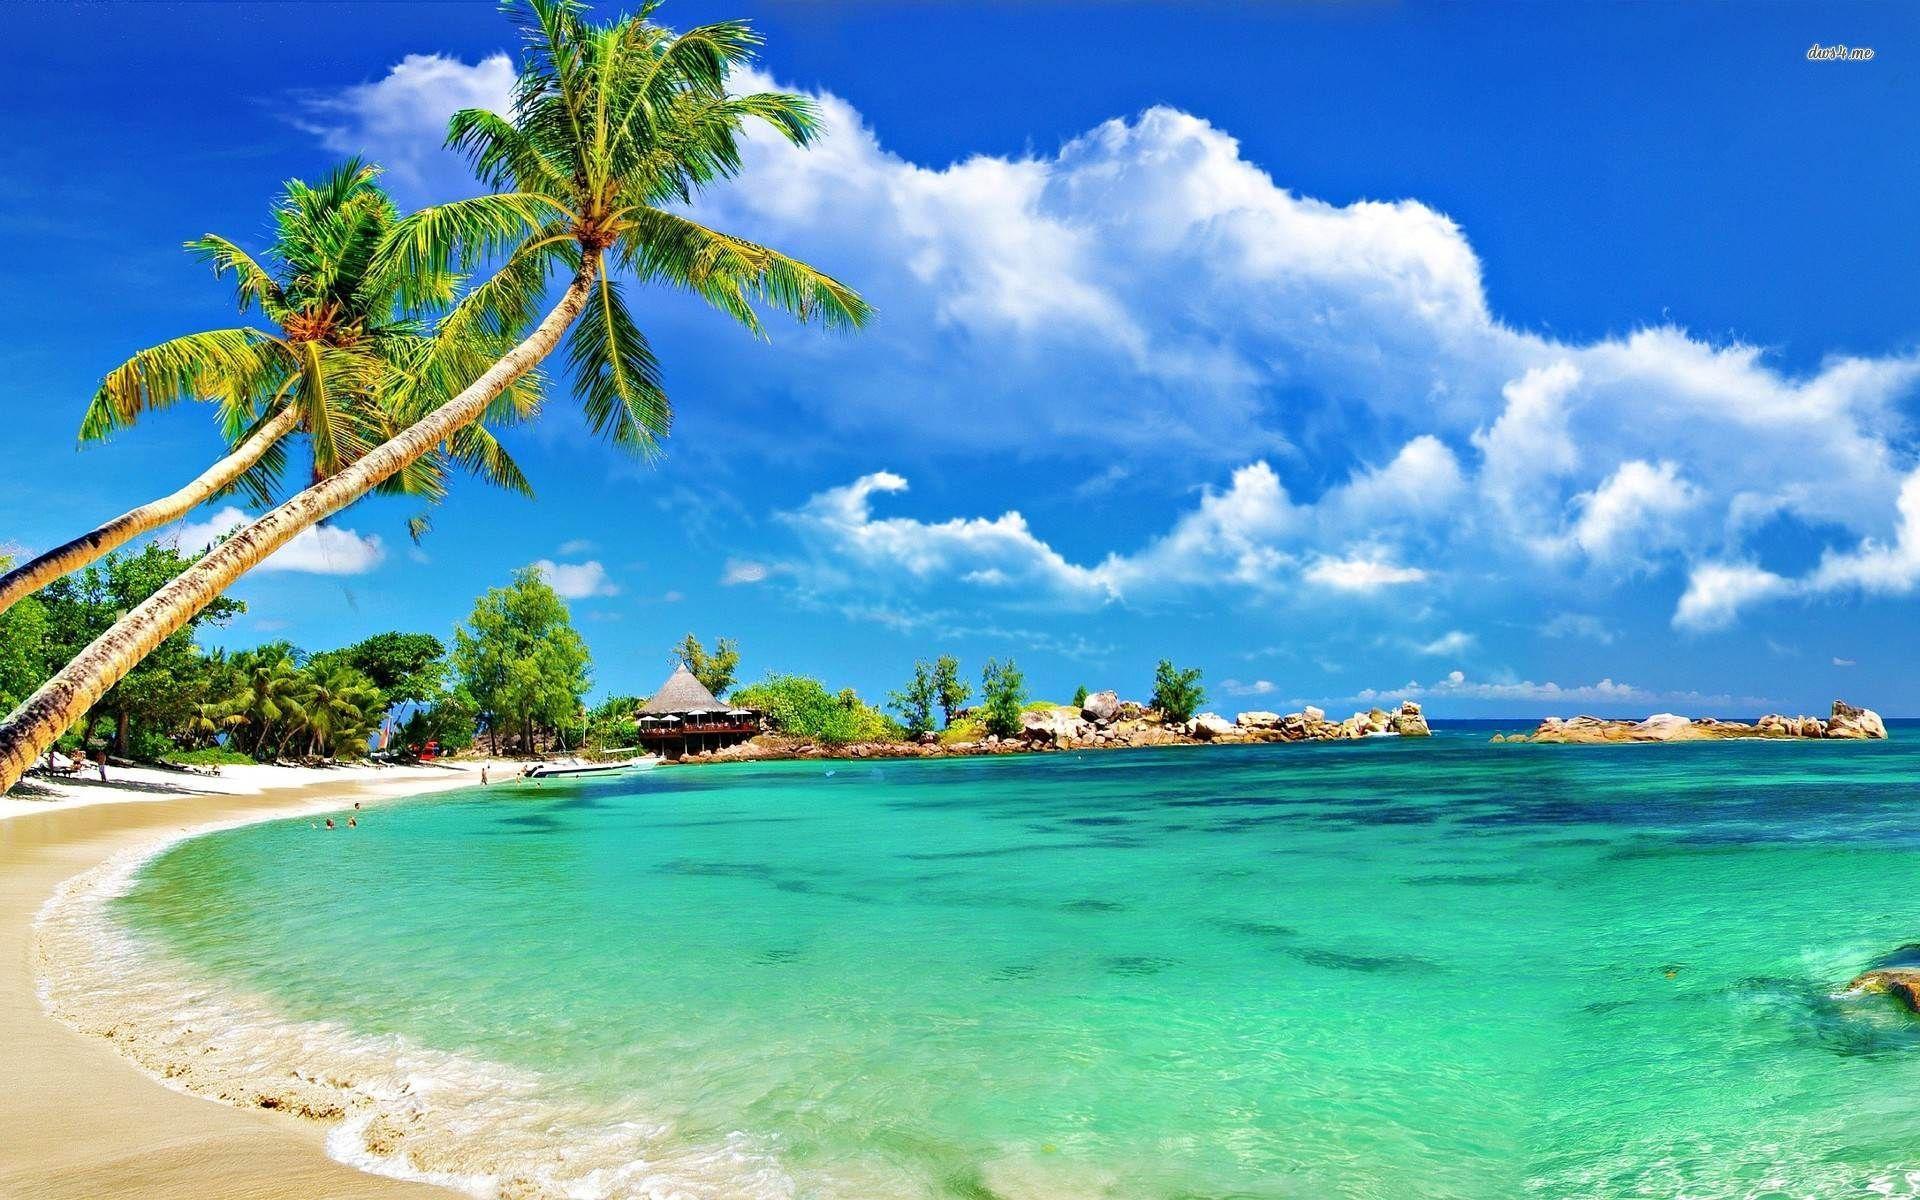 1920x1200 Đảo nhiệt đới Hình nền máy tính để bàn 1999 × 1333 Đảo nhiệt đới.  Hình nền đáng yêu.  Nền bãi biển, Hình nền bãi biển, Bãi biển đảo nhiệt đới